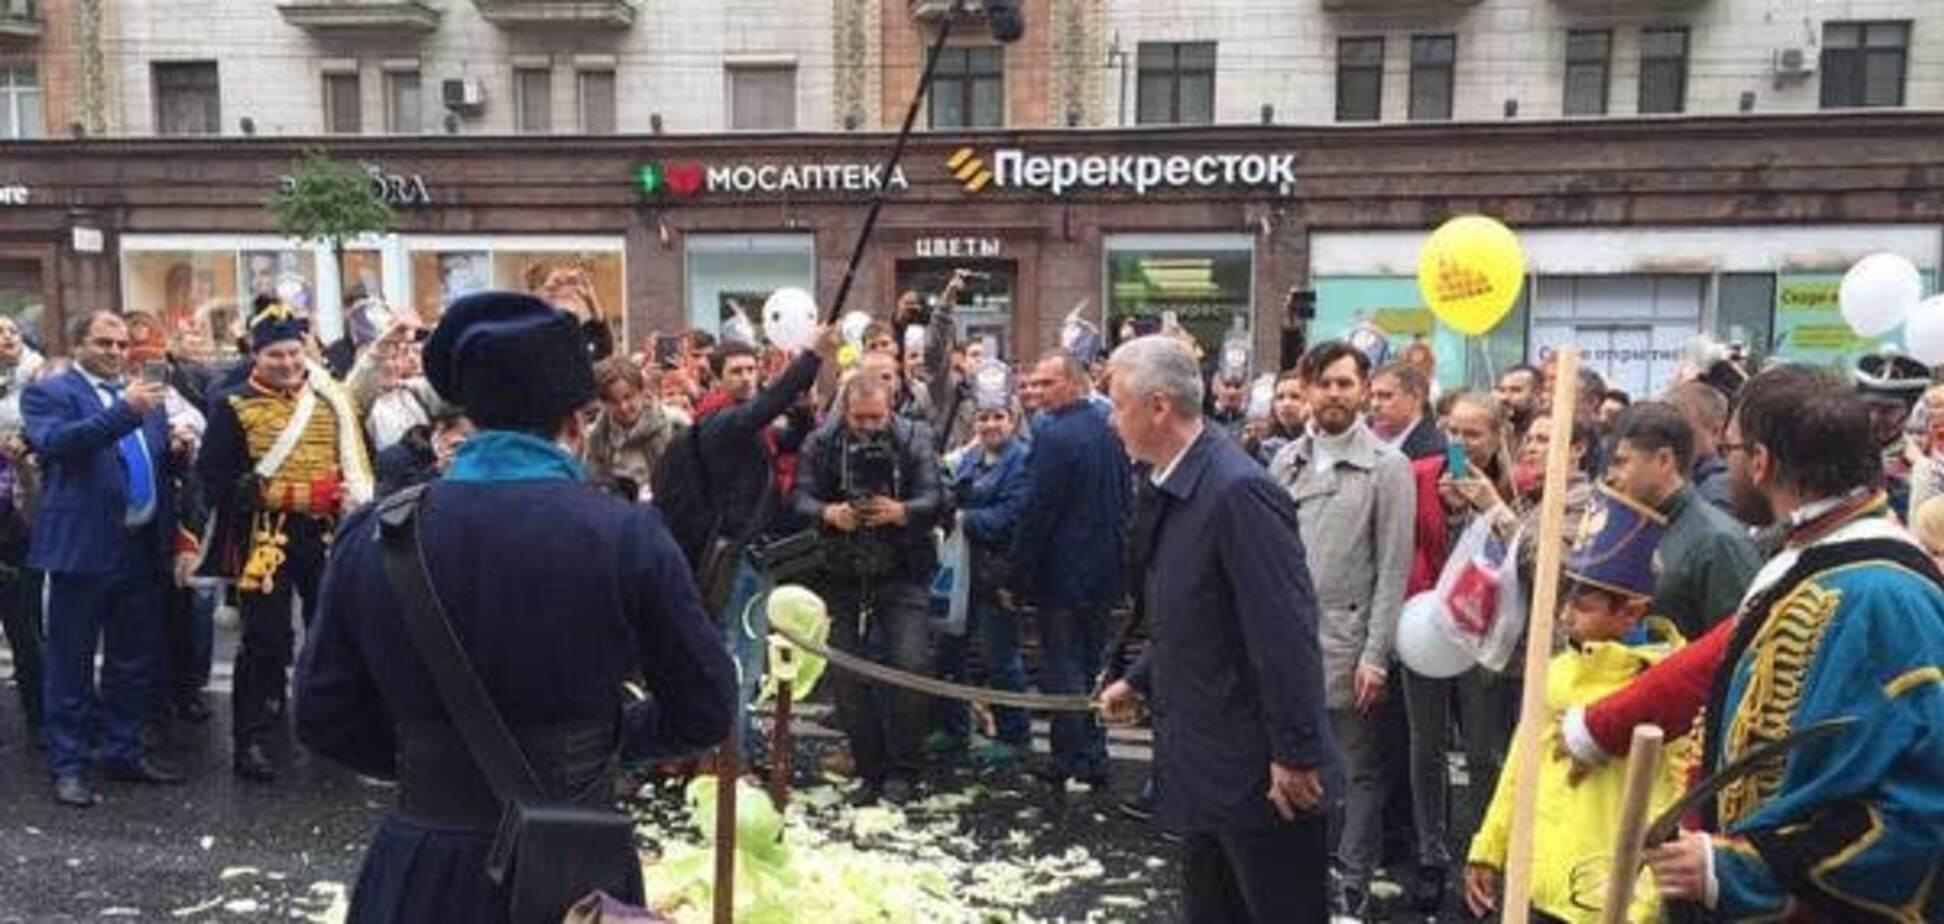 Москва под дождем и в 'лаптях' отмечает День города: фоторепортаж